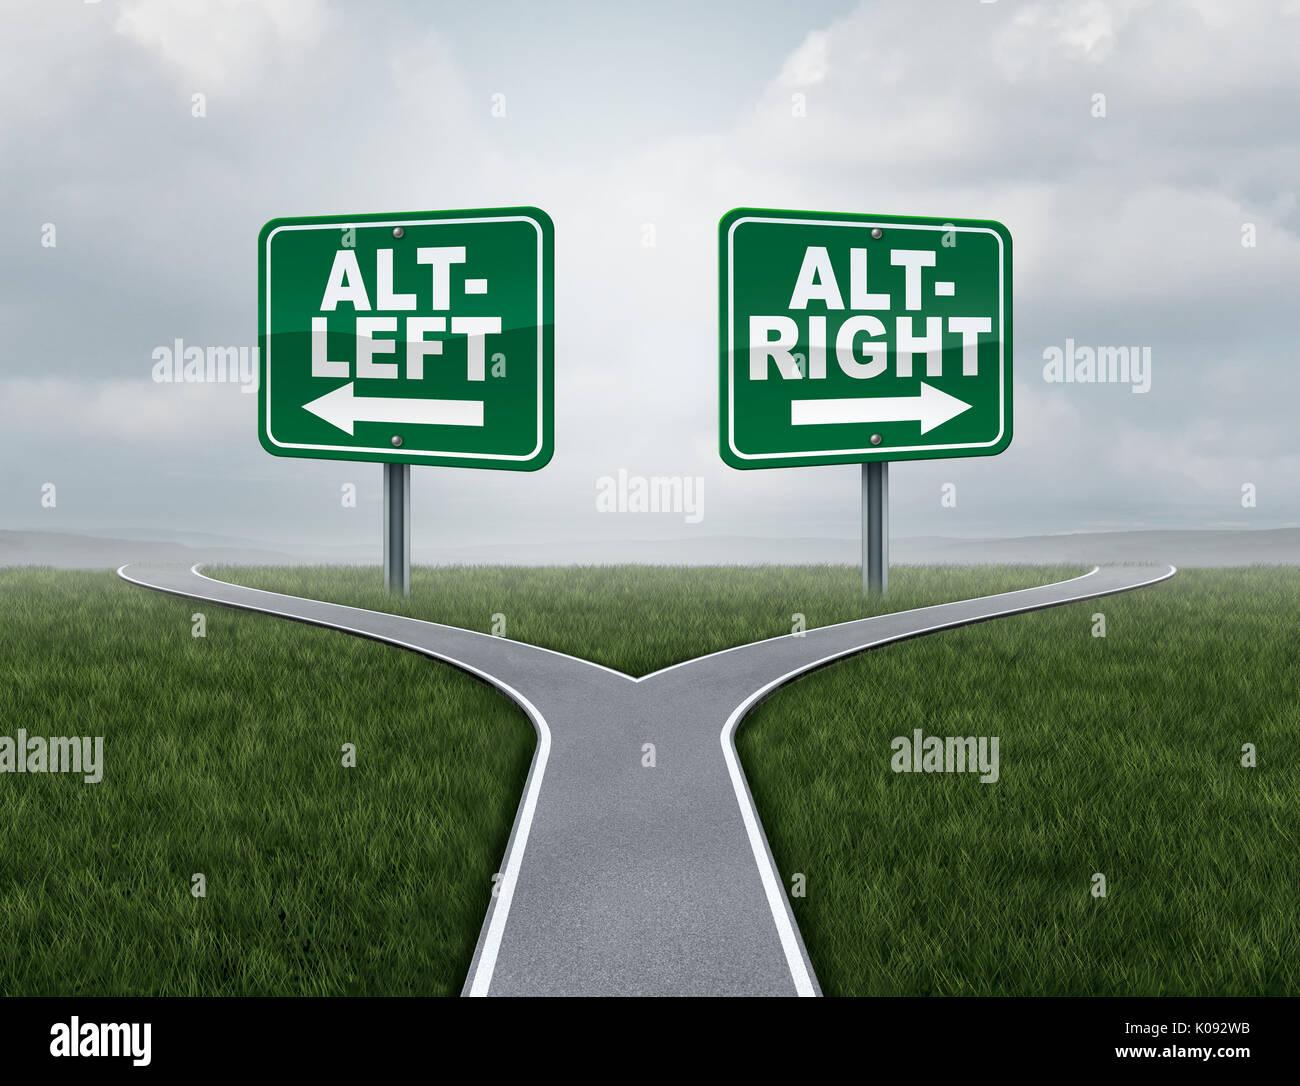 Alt droite ou altleft concept comme une pensée politique et sociale concept idelogies avec deux côtés de l'idéologie adverse débat. Photo Stock